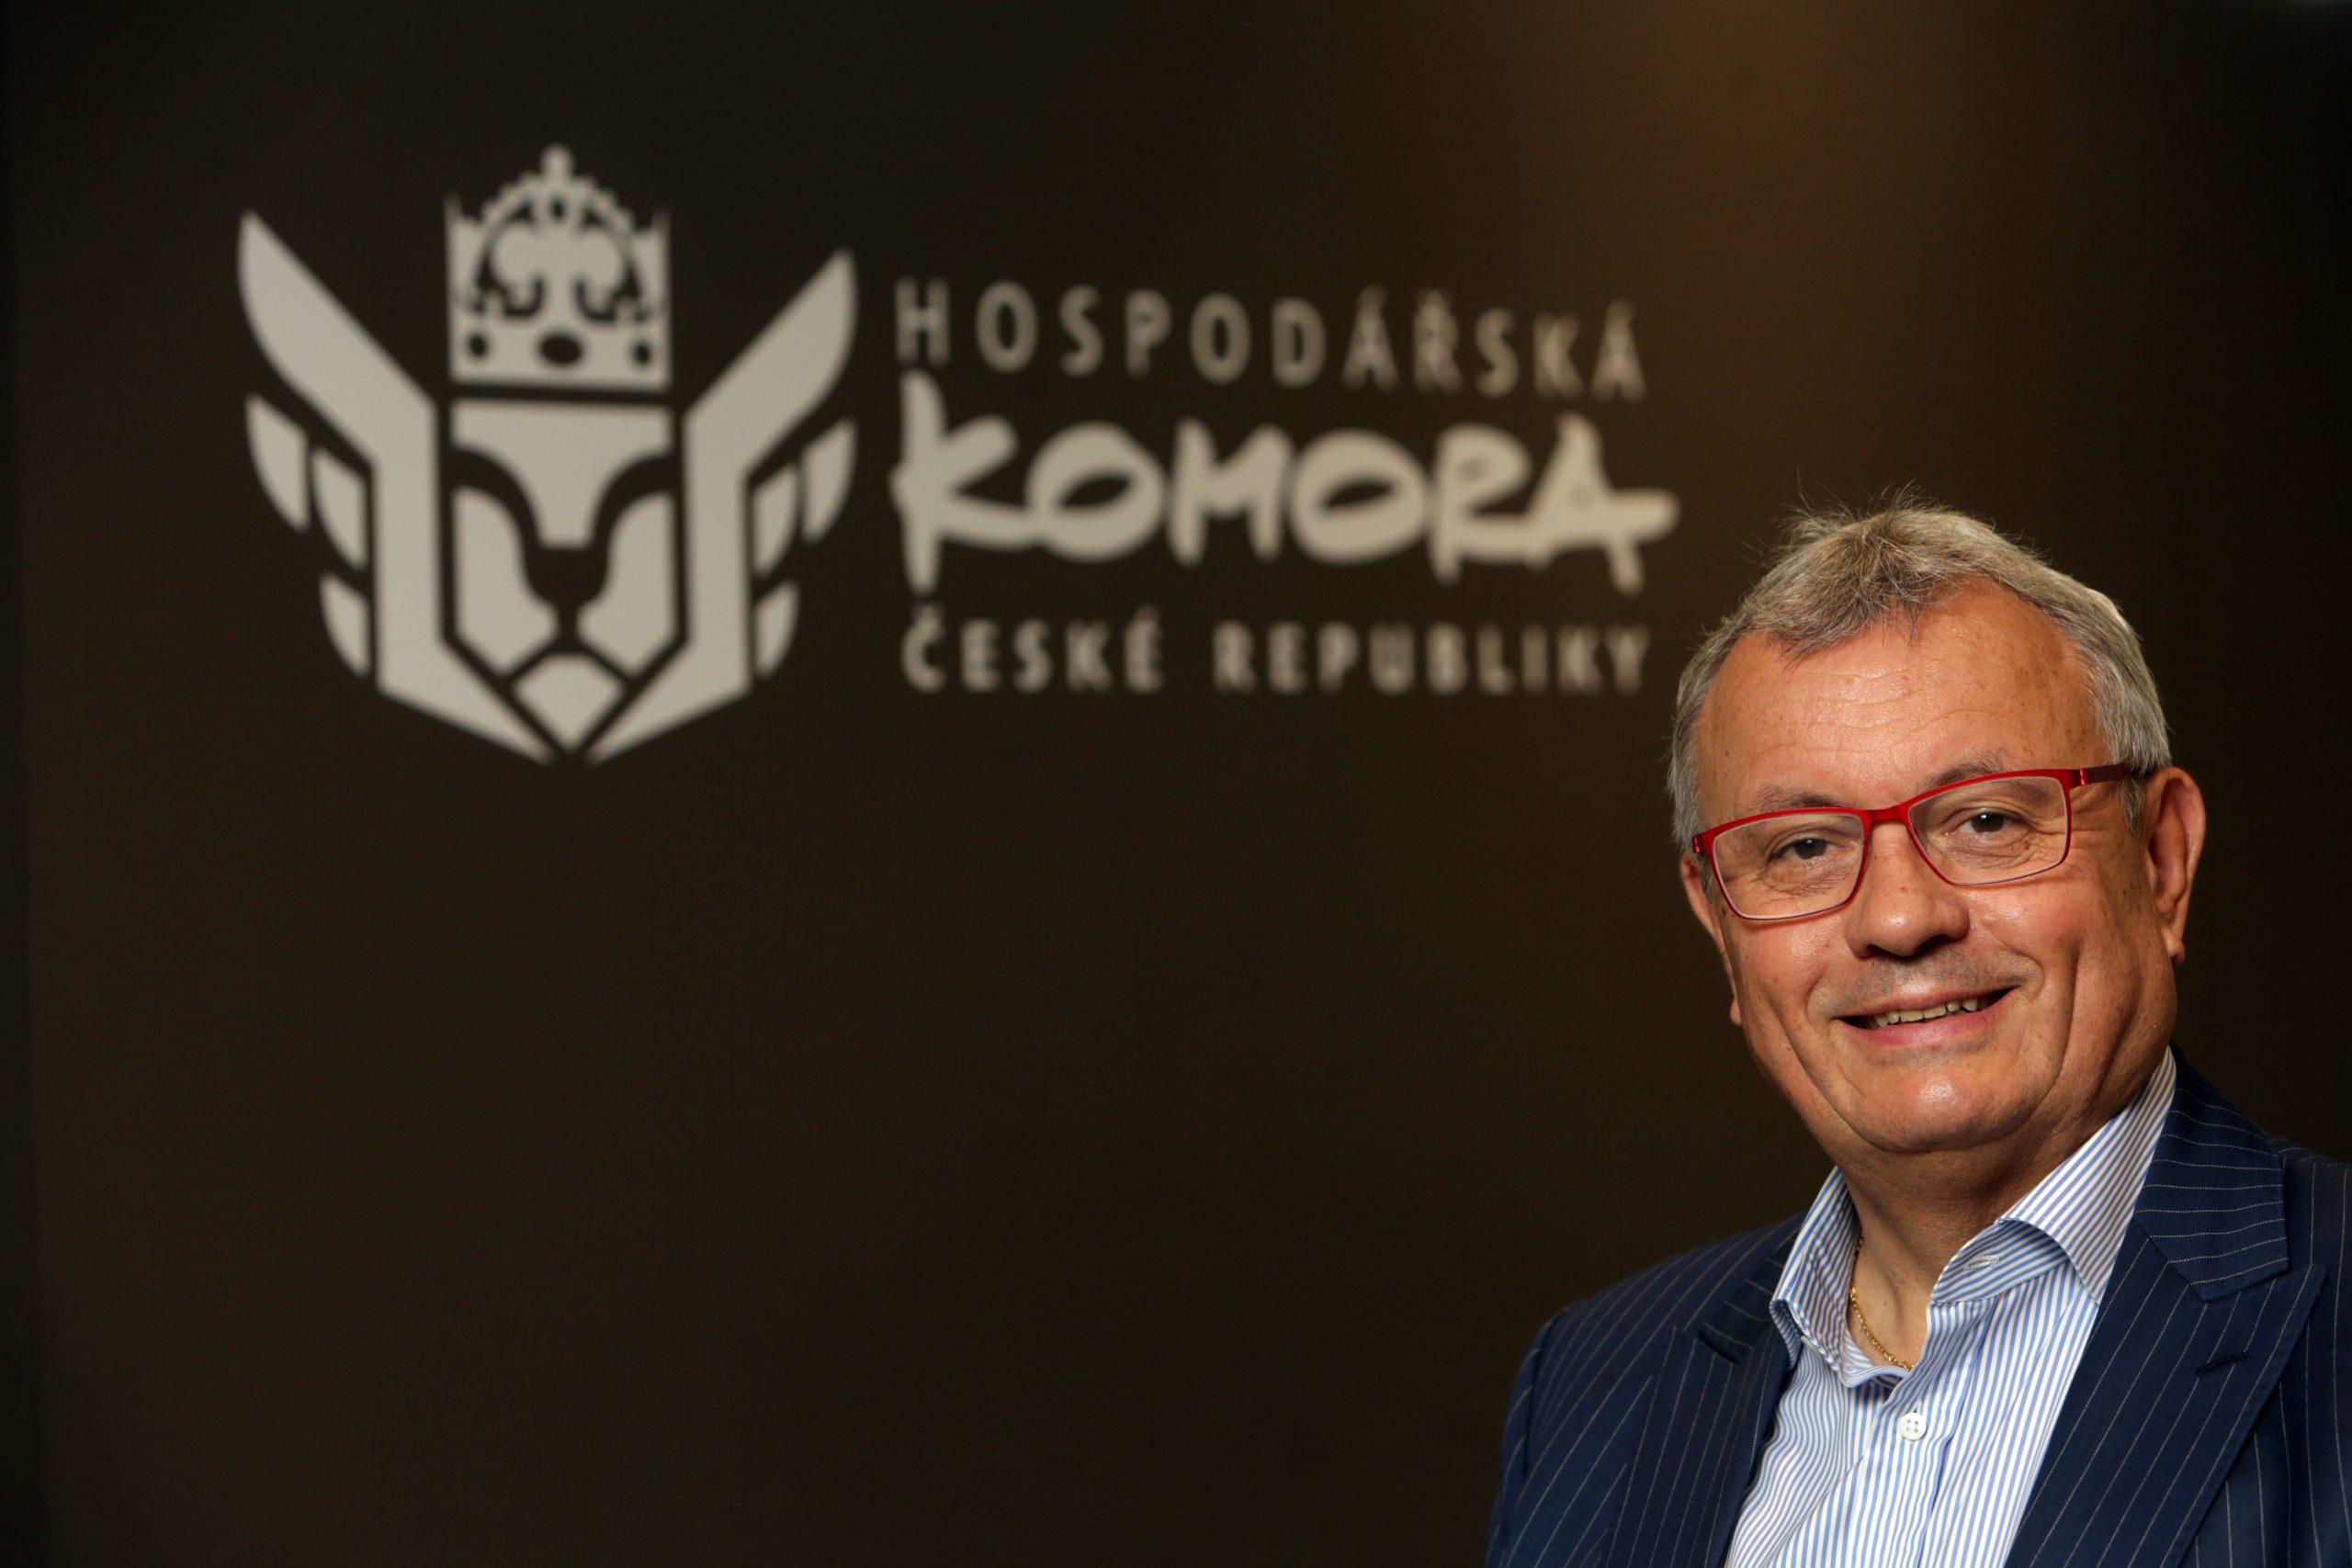 Podnikatelé zvolili za prezidenta Hospodářské komory Vladimíra Dlouhého